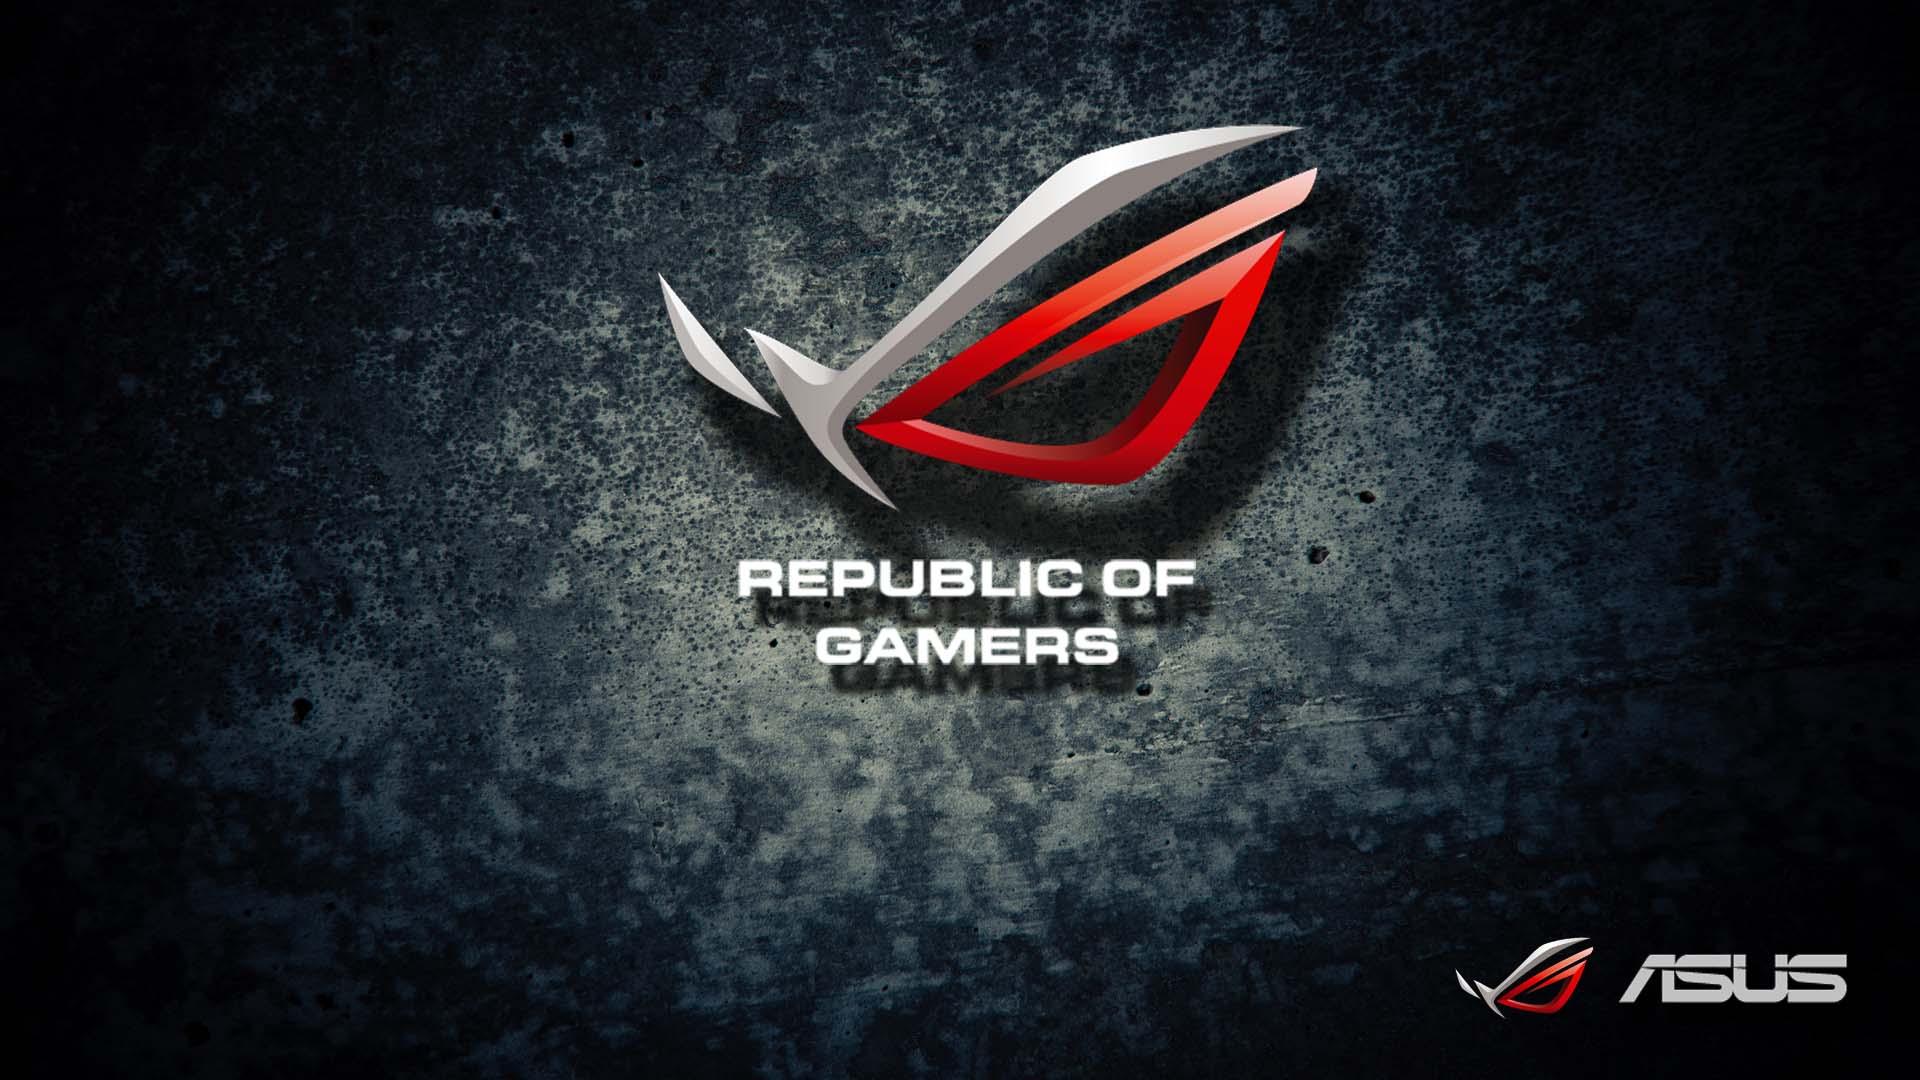 Asus republic of gamers wallpaper 1080p danasrfhtop 1920x1080